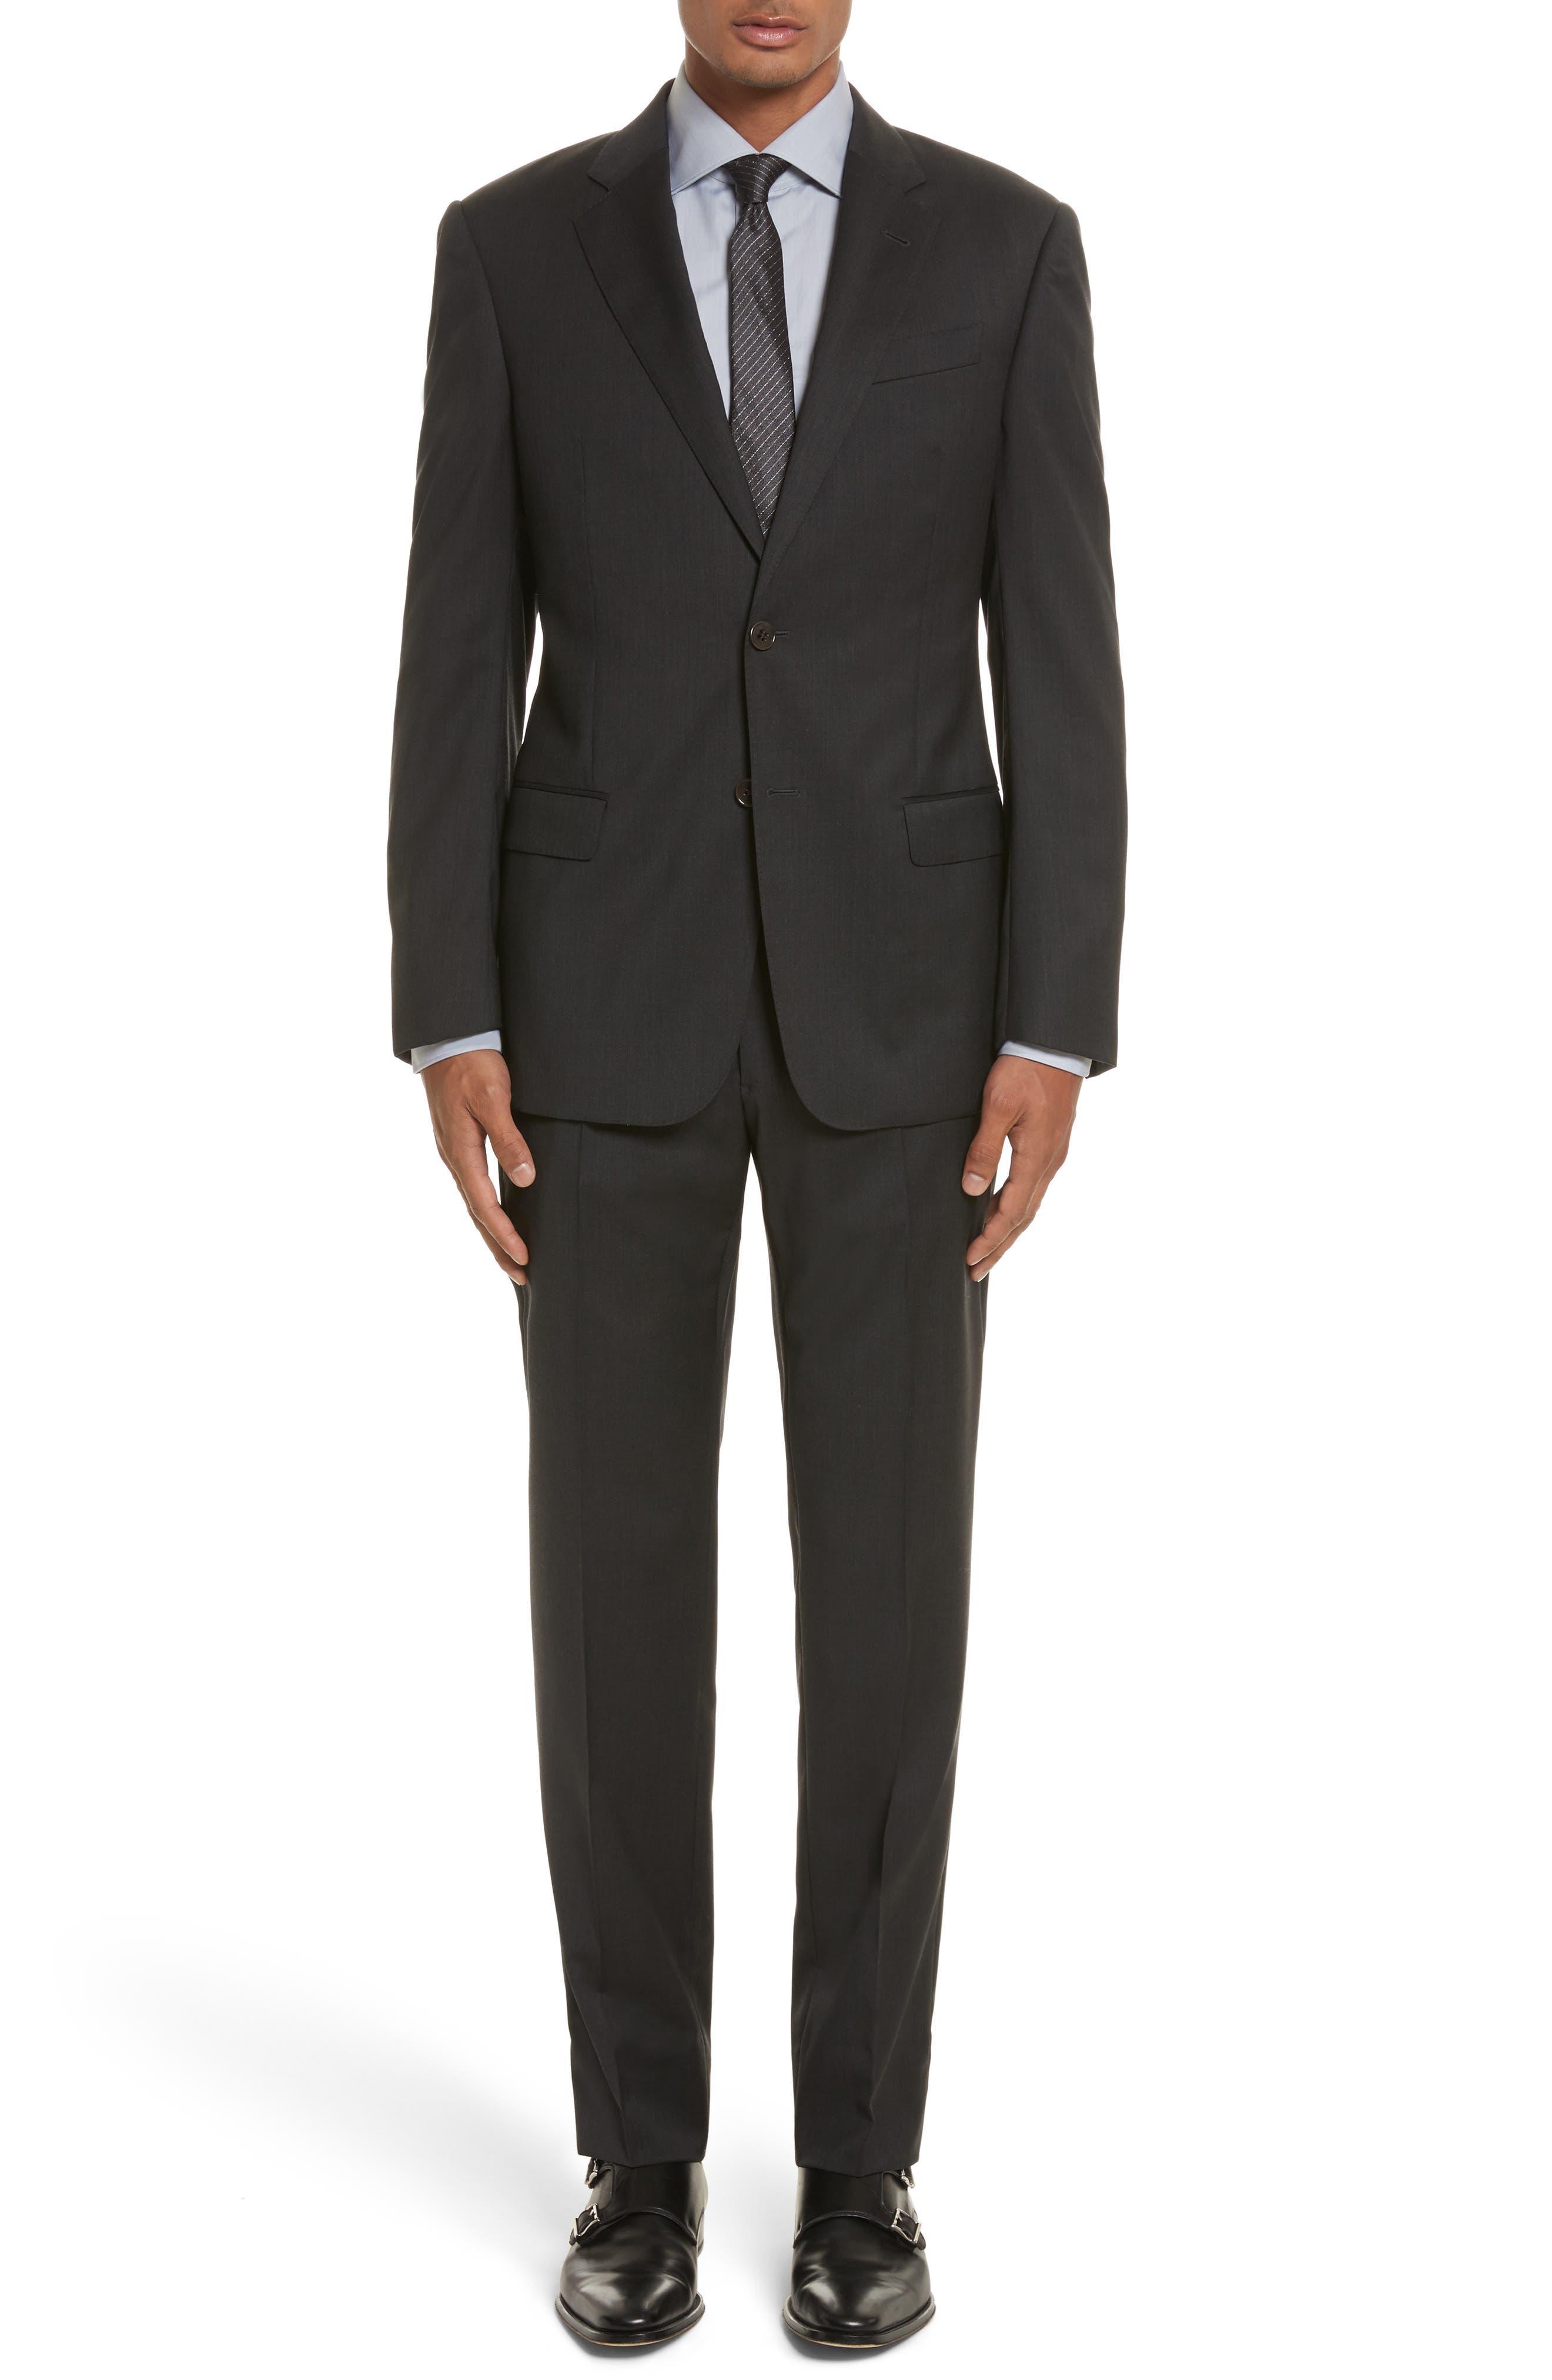 Main Image - Armani Collezioni 'G-Line' Trim Fit Solid Wool Suit